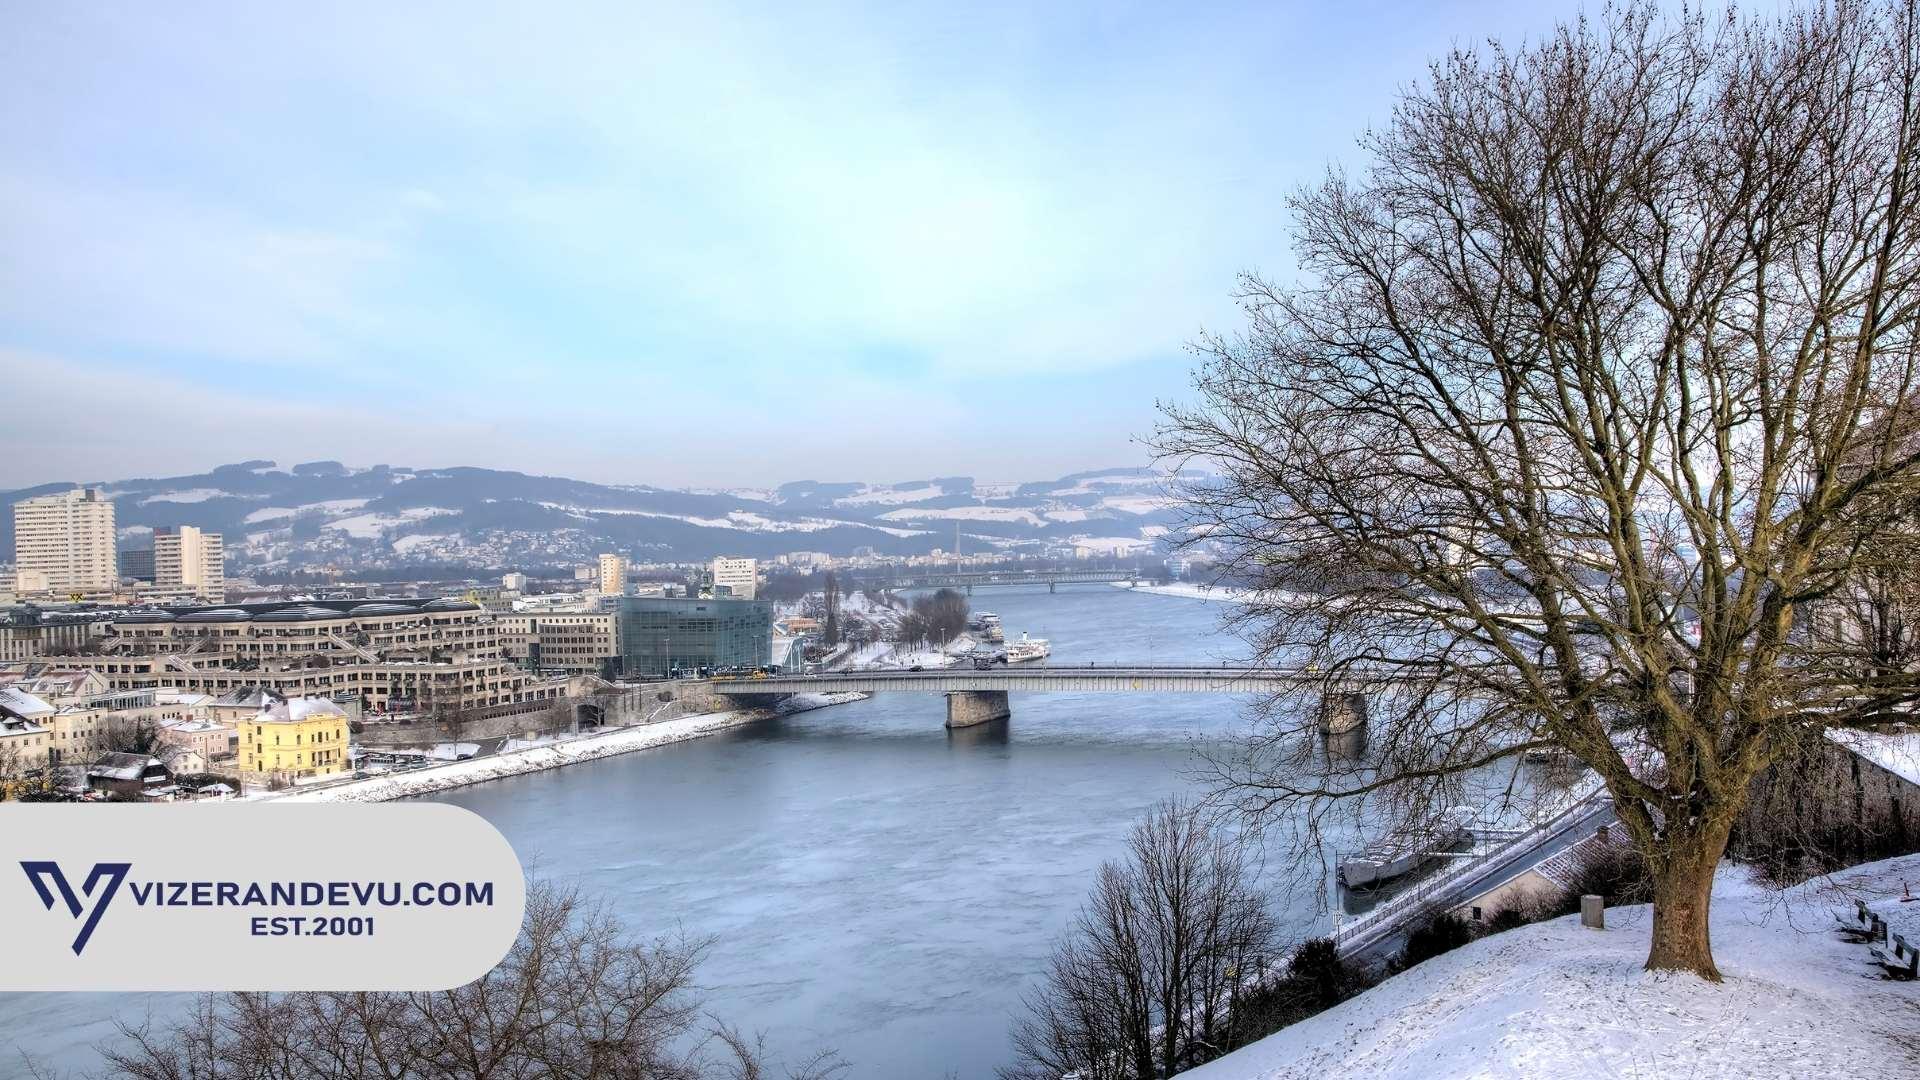 Avusturya Büyükelçiliği, Konsolosluğu veya VAC'de Schengen Vizesine Kimler Başvuru Yapabilir